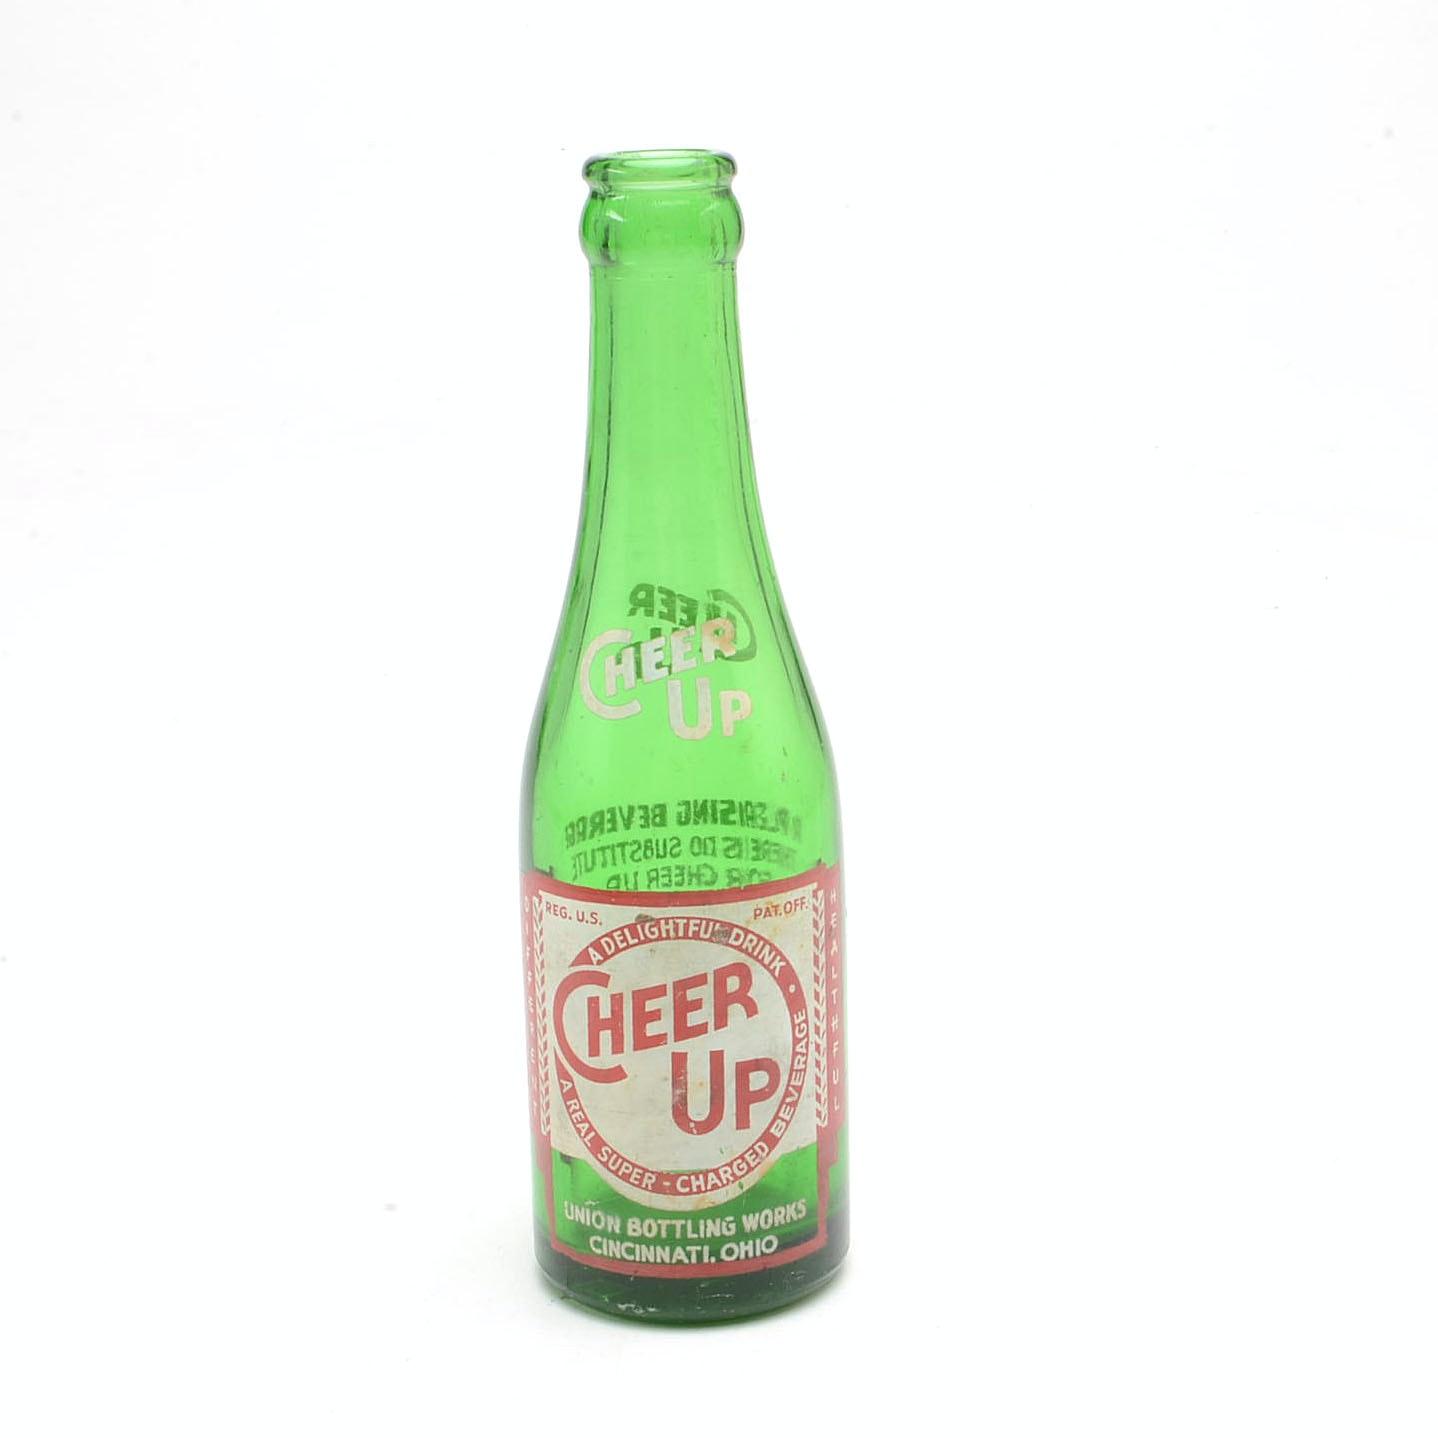 Vintage Cheer Up Soda Bottle